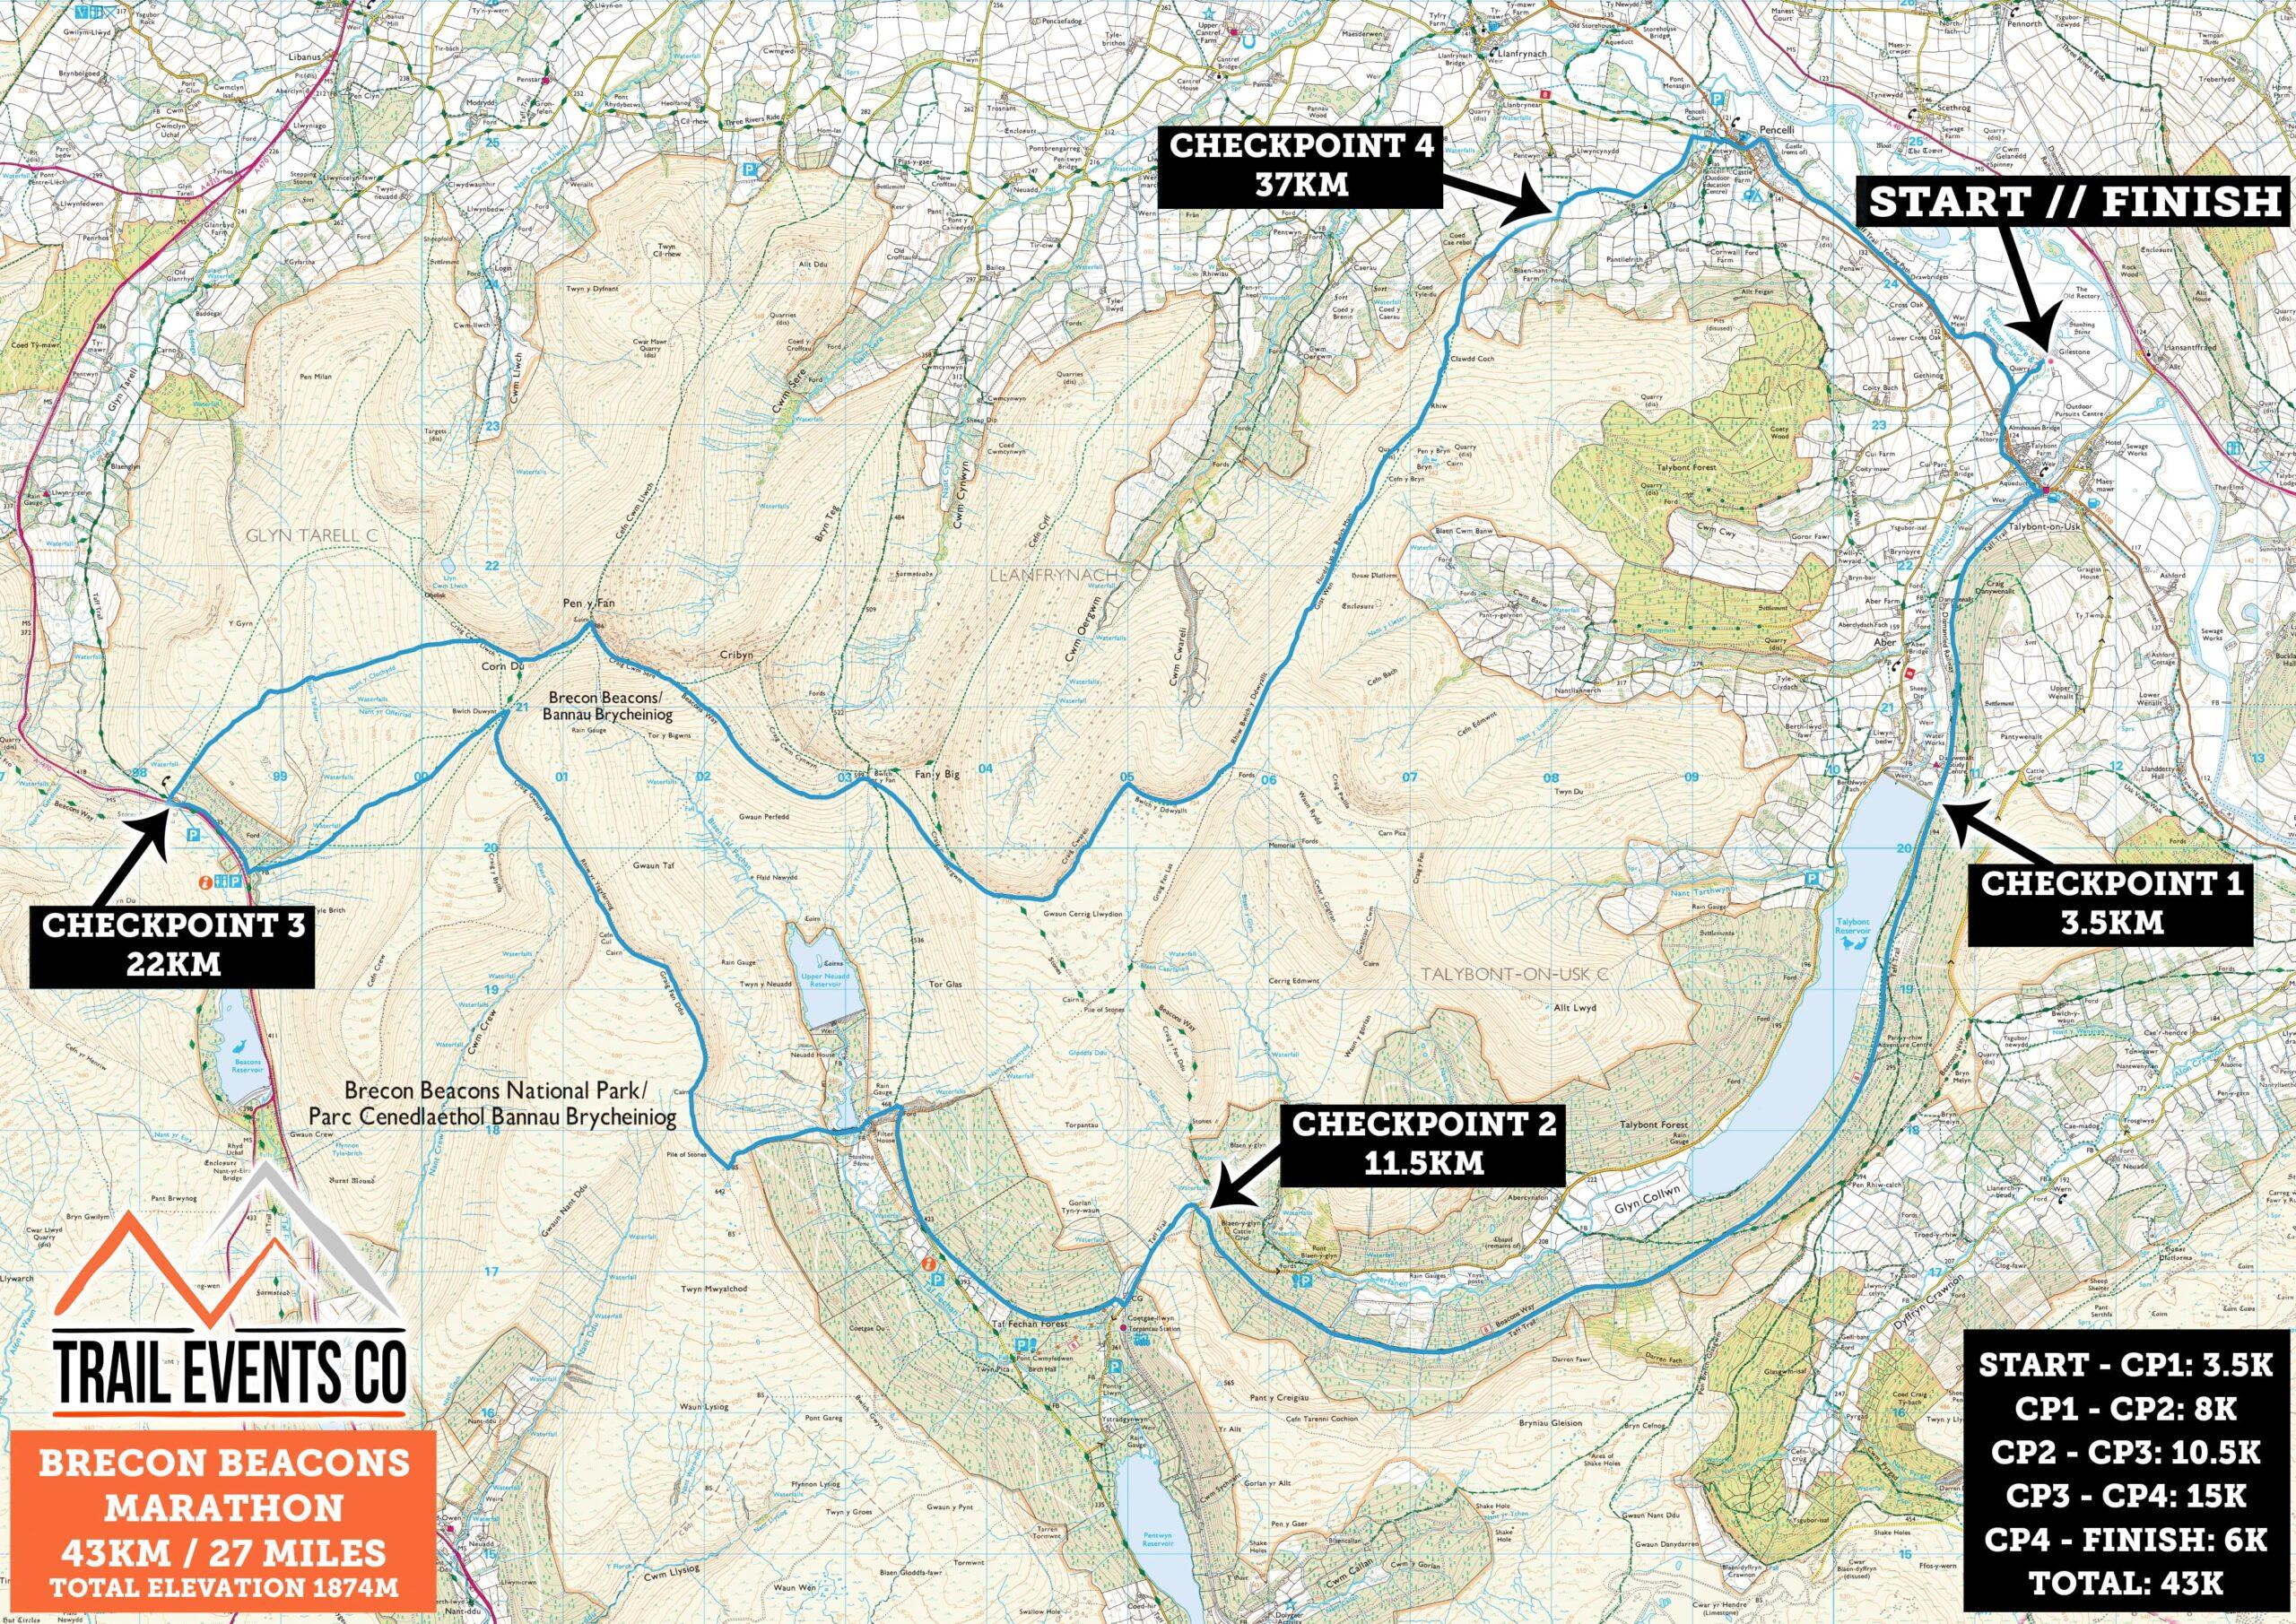 Brecon Beacons Marathon